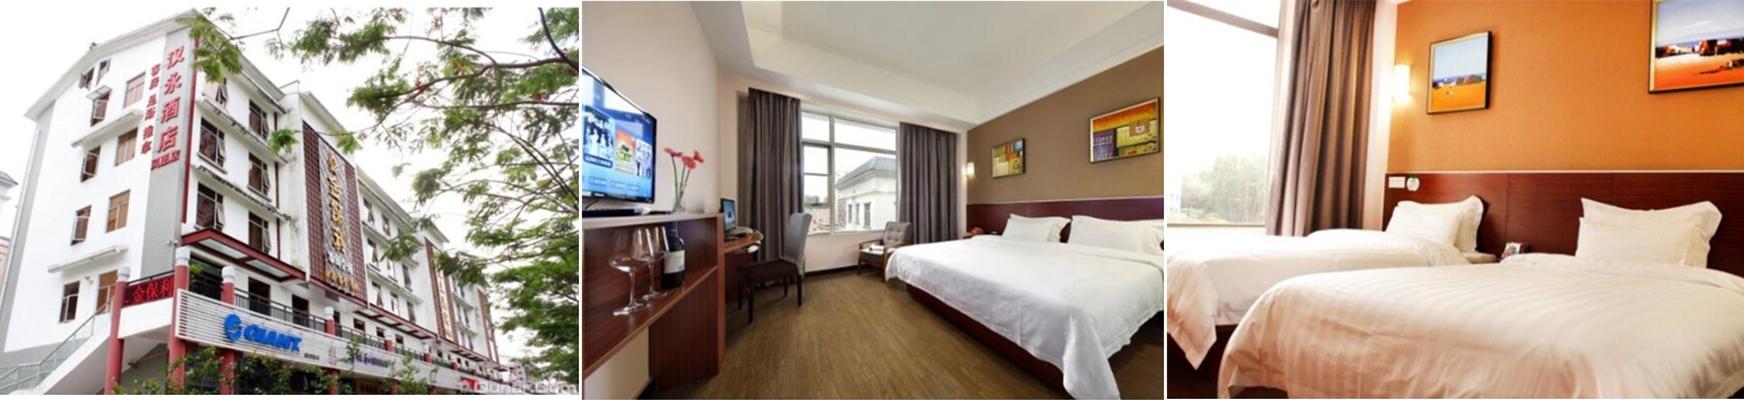 汉永酒店(深圳福永凤凰山店)